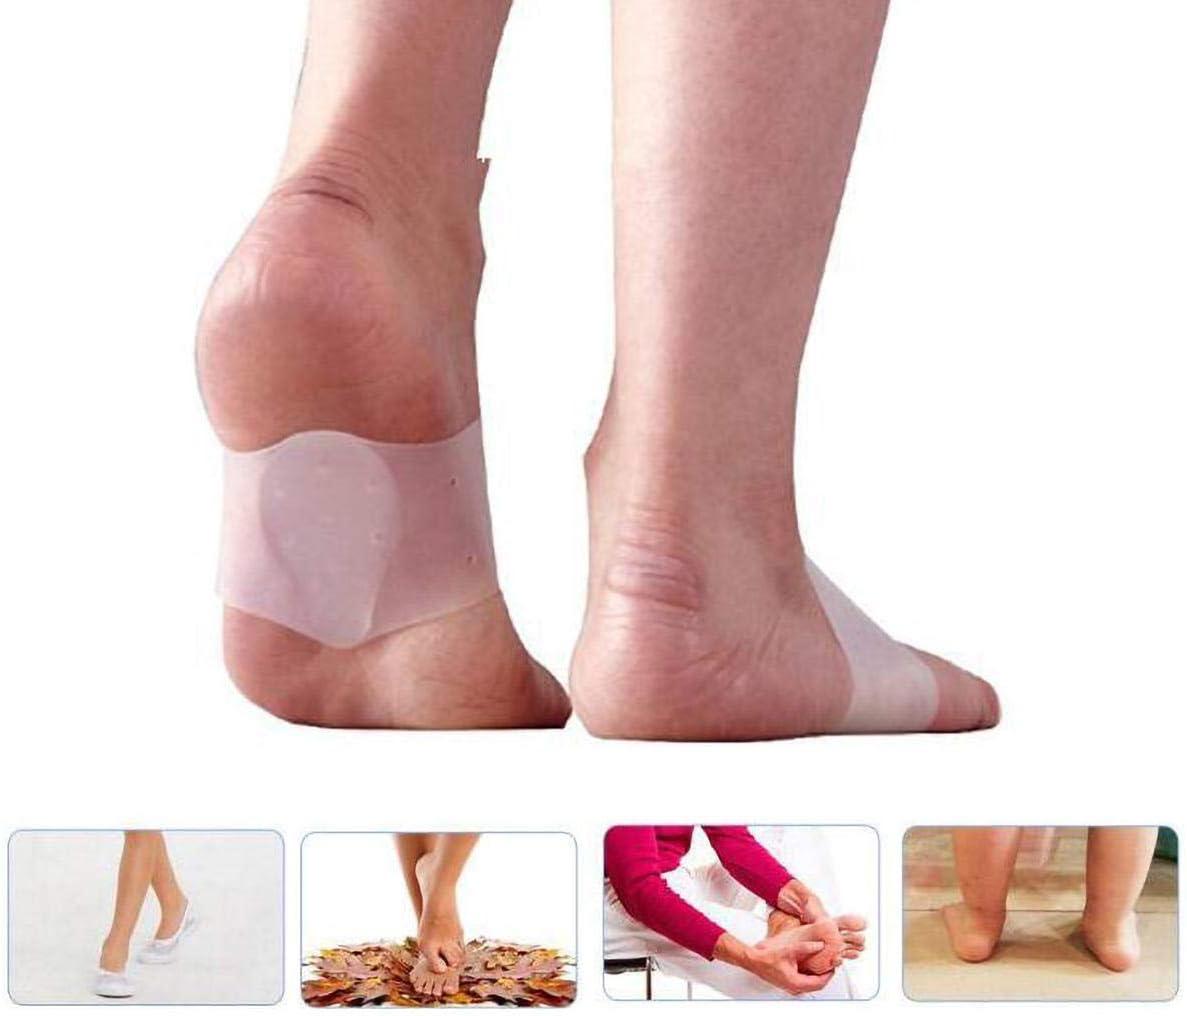 2 Almohadillas ortopédicas de Silicona para aliviar el Dolor de pies y la Fascitis Plantar: Amazon.es: Deportes y aire libre